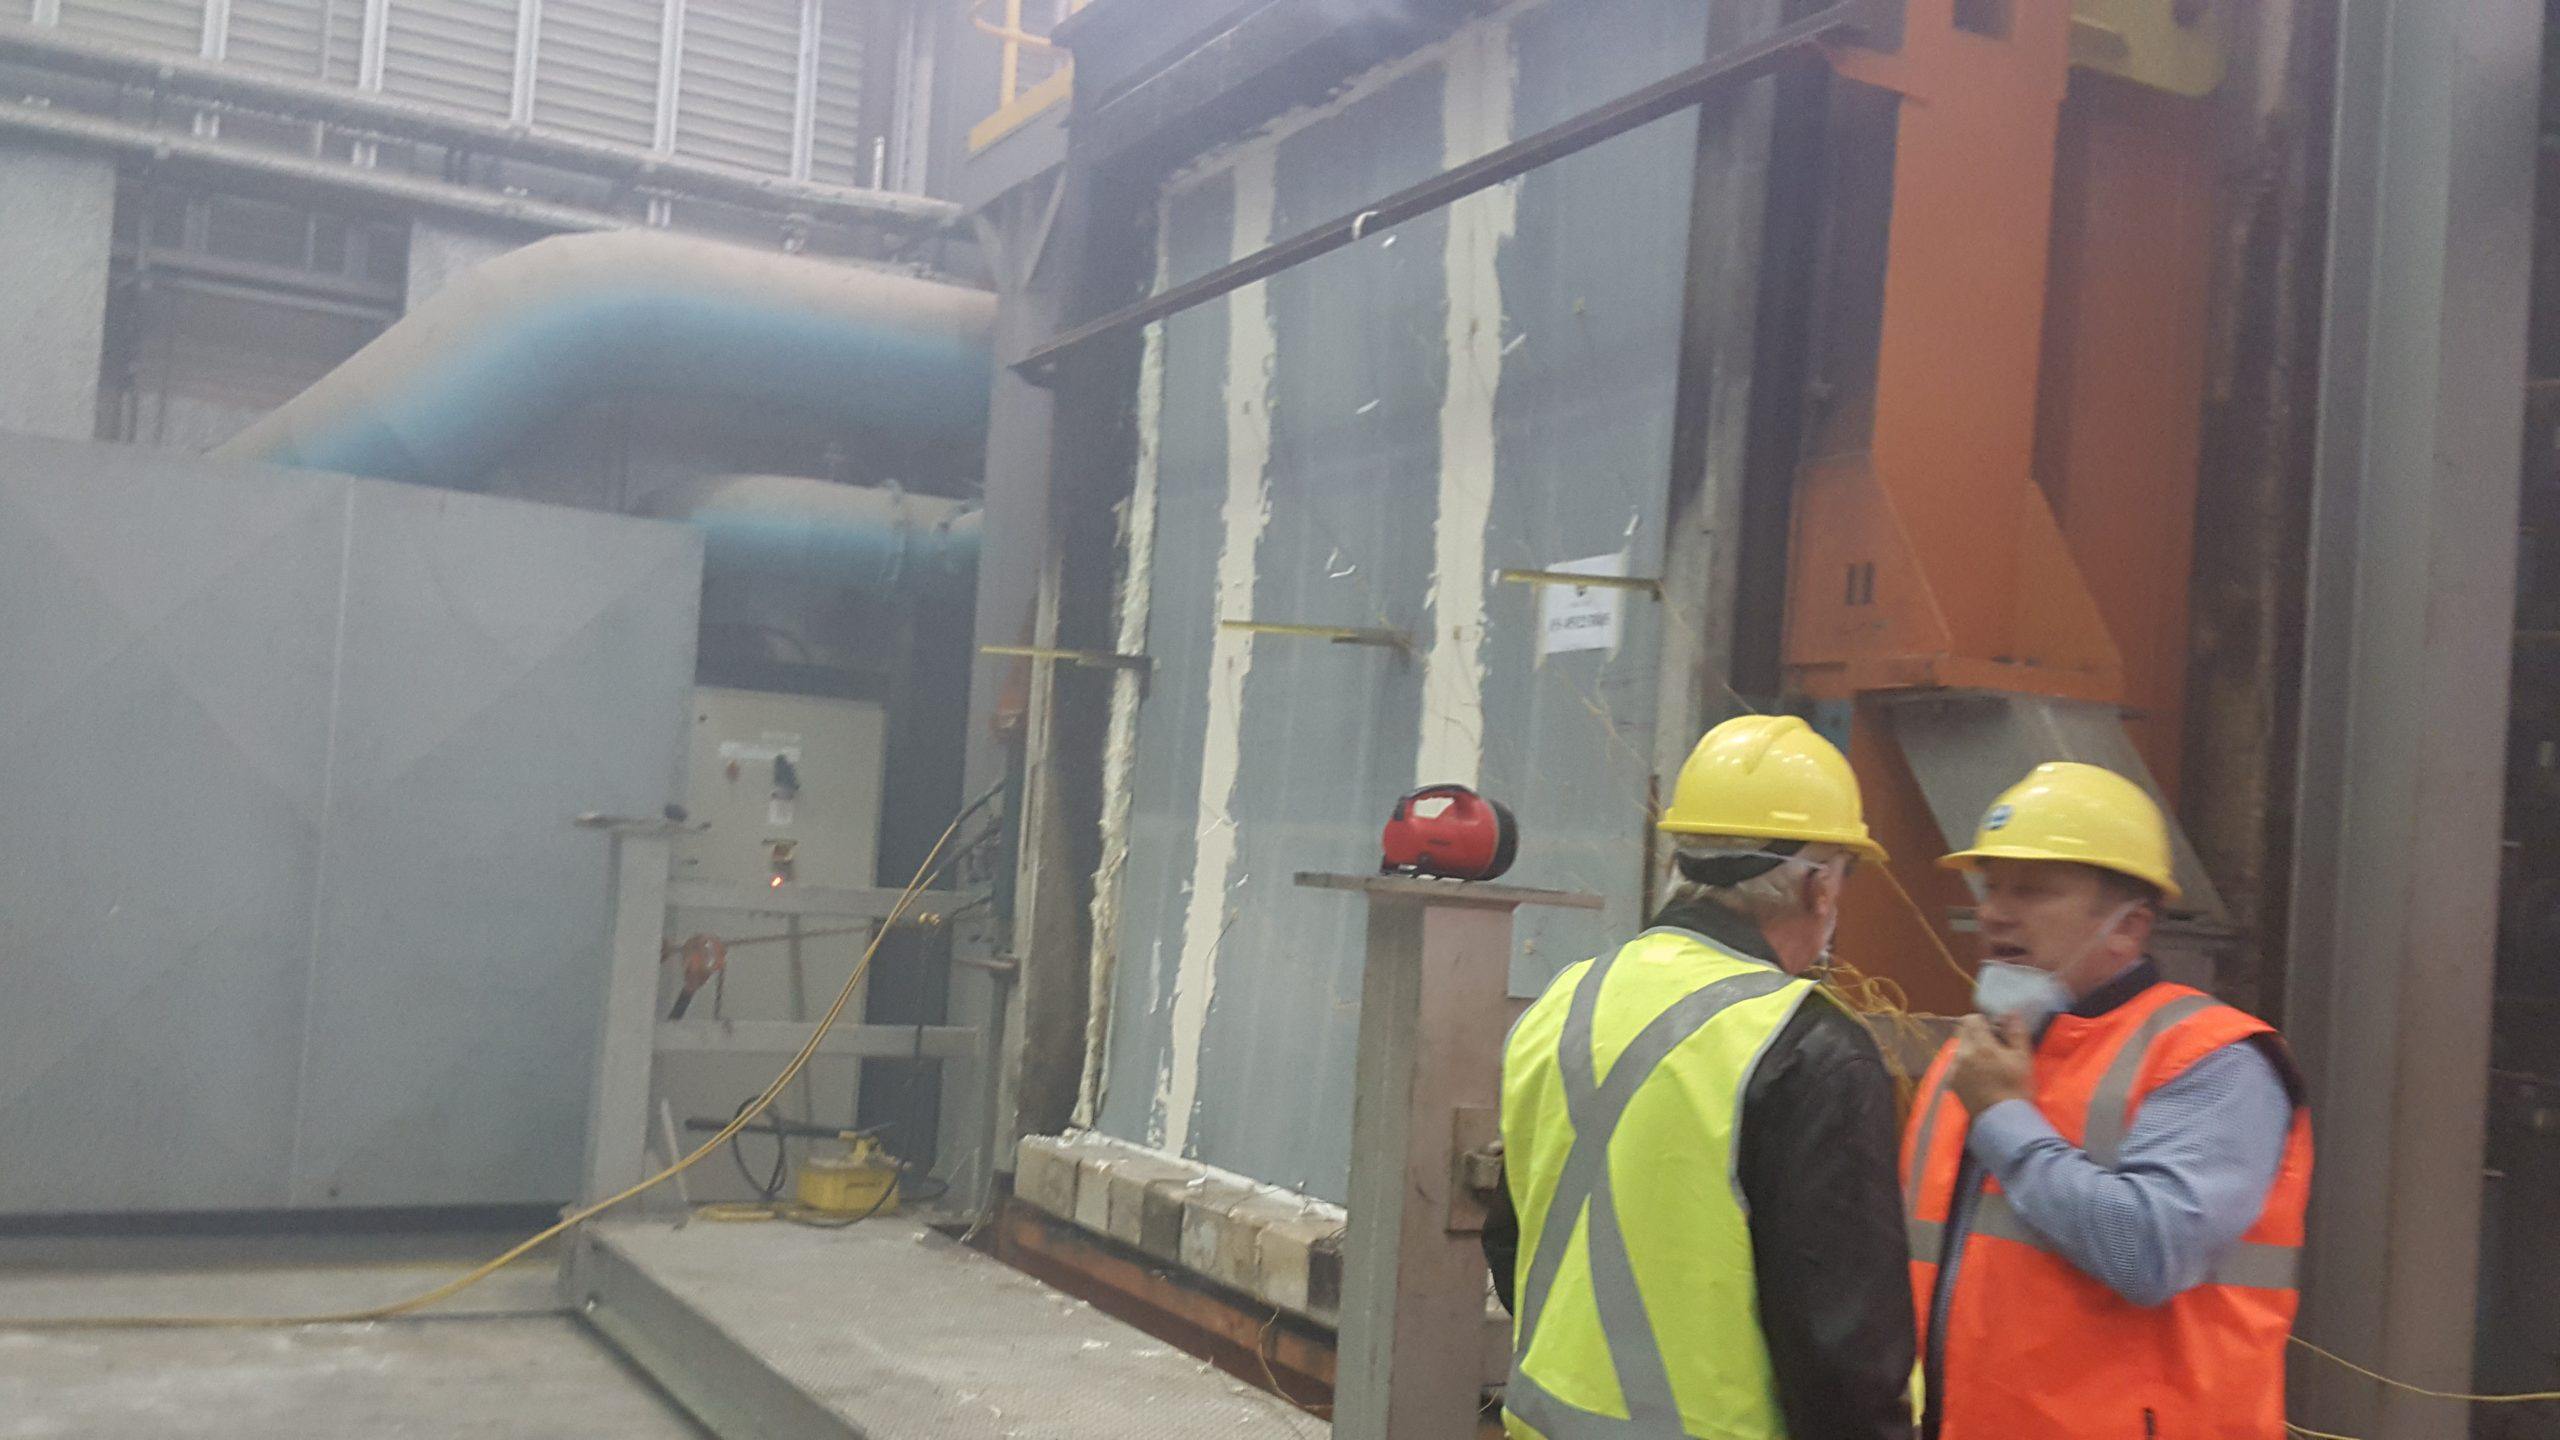 FireCrunch Fire Wall Test Centre CSIRO North Ryde - NSW FireCrunch Certification Testing